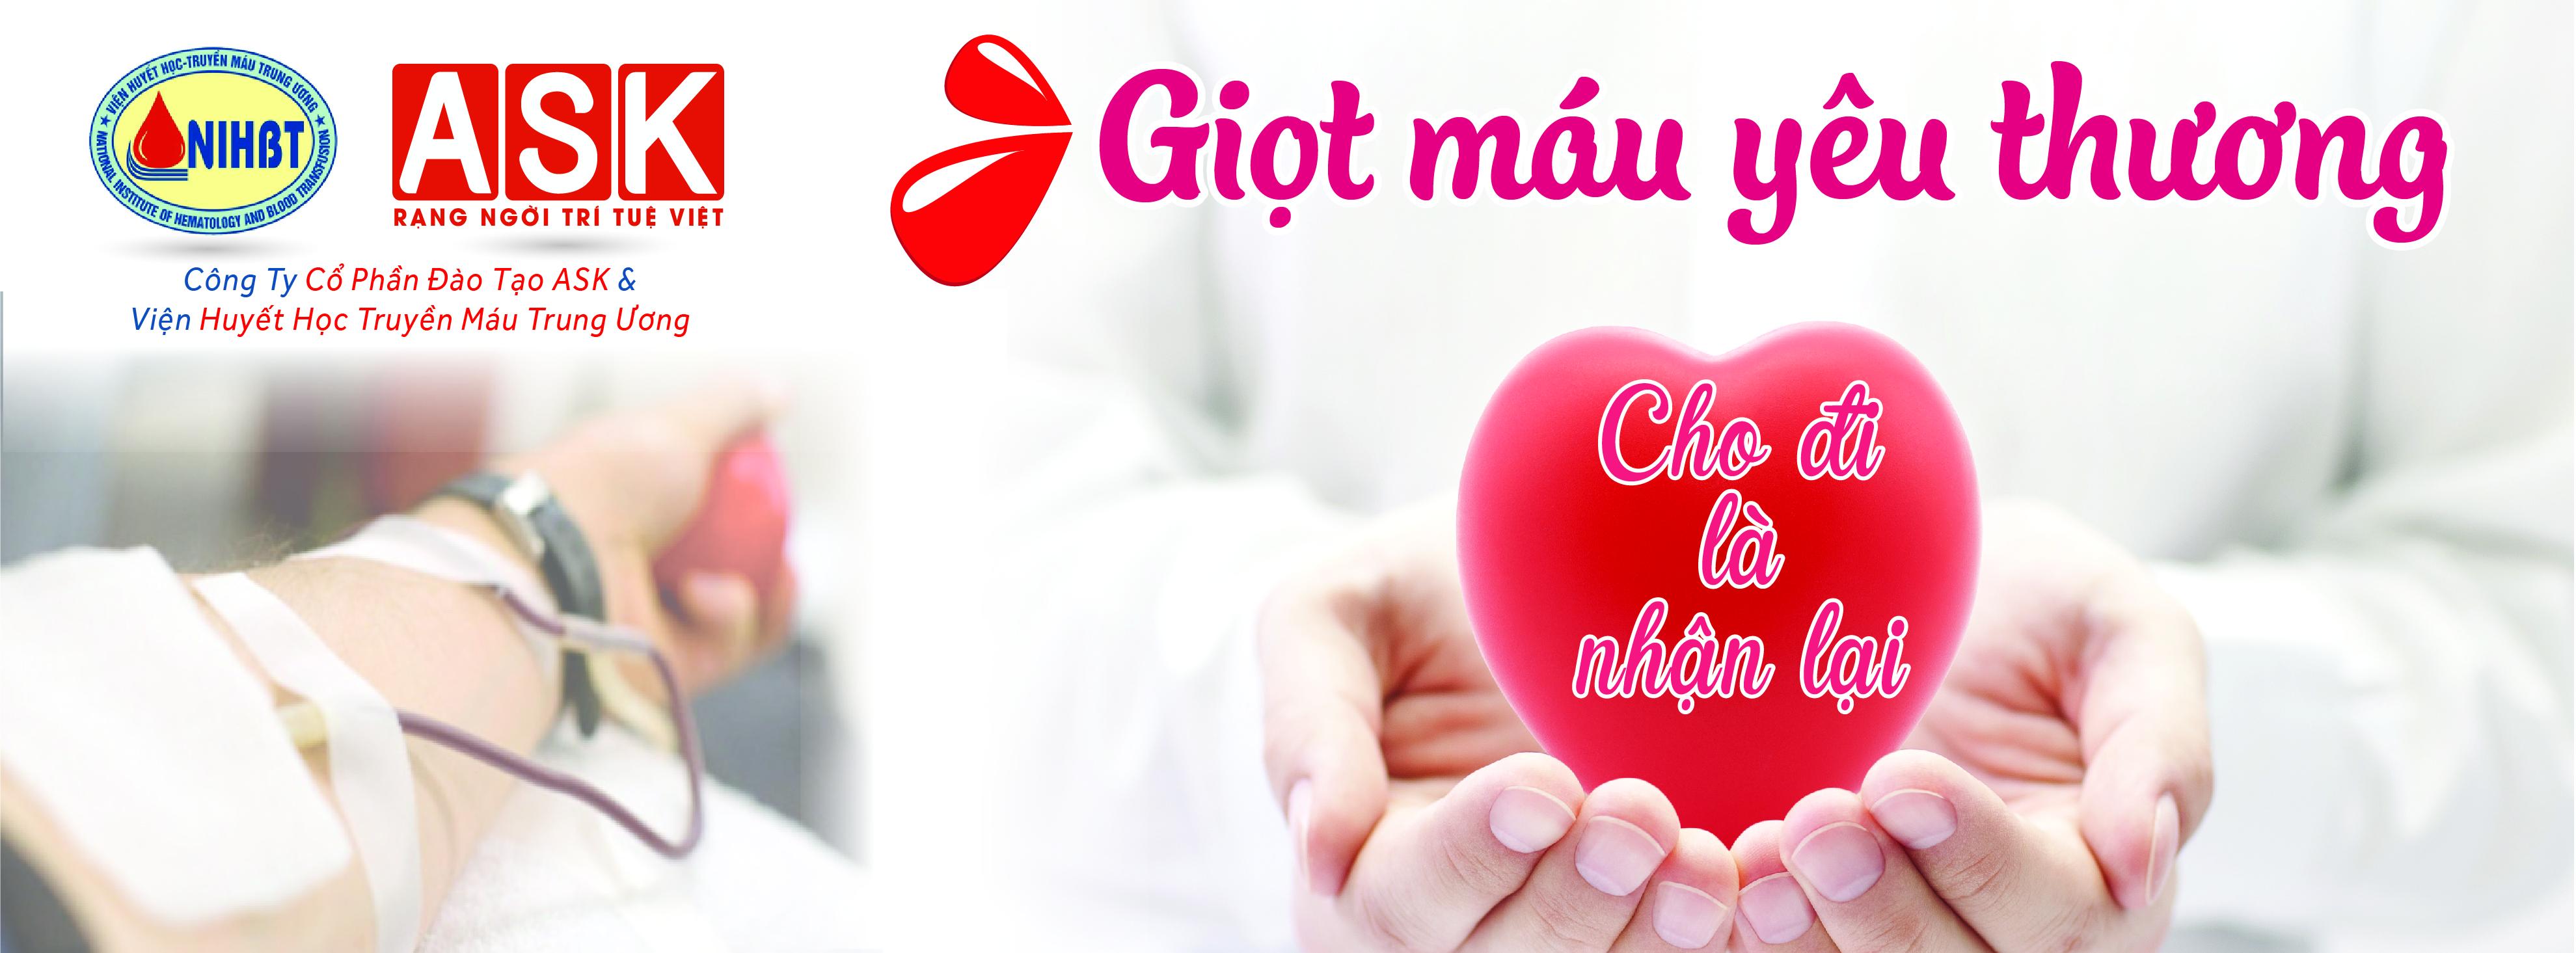 Cùng Ngọc Anh chia sẻ yêu thương – máu cứu người ở ngay trong mỗi trái tim chúng ta